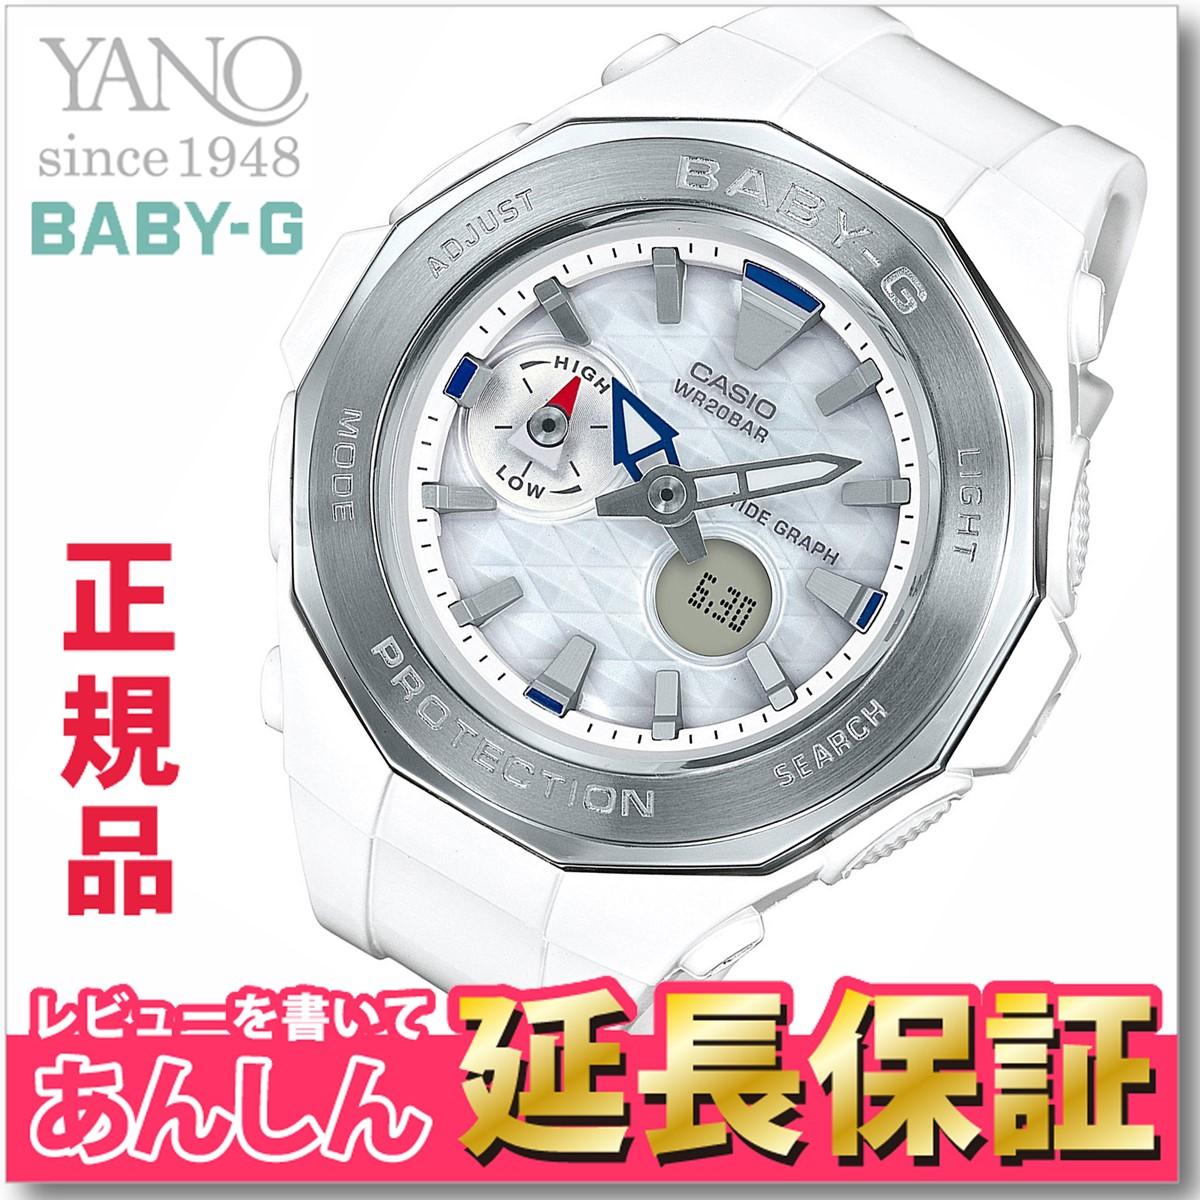 カシオ ベビーG BGA-225-7AJF G-LIDE ビーチ グランピング シリーズ レディース 腕時計 デジアナ CASIO BABY-G 【正規品】【0517】【店頭受取対応商品】